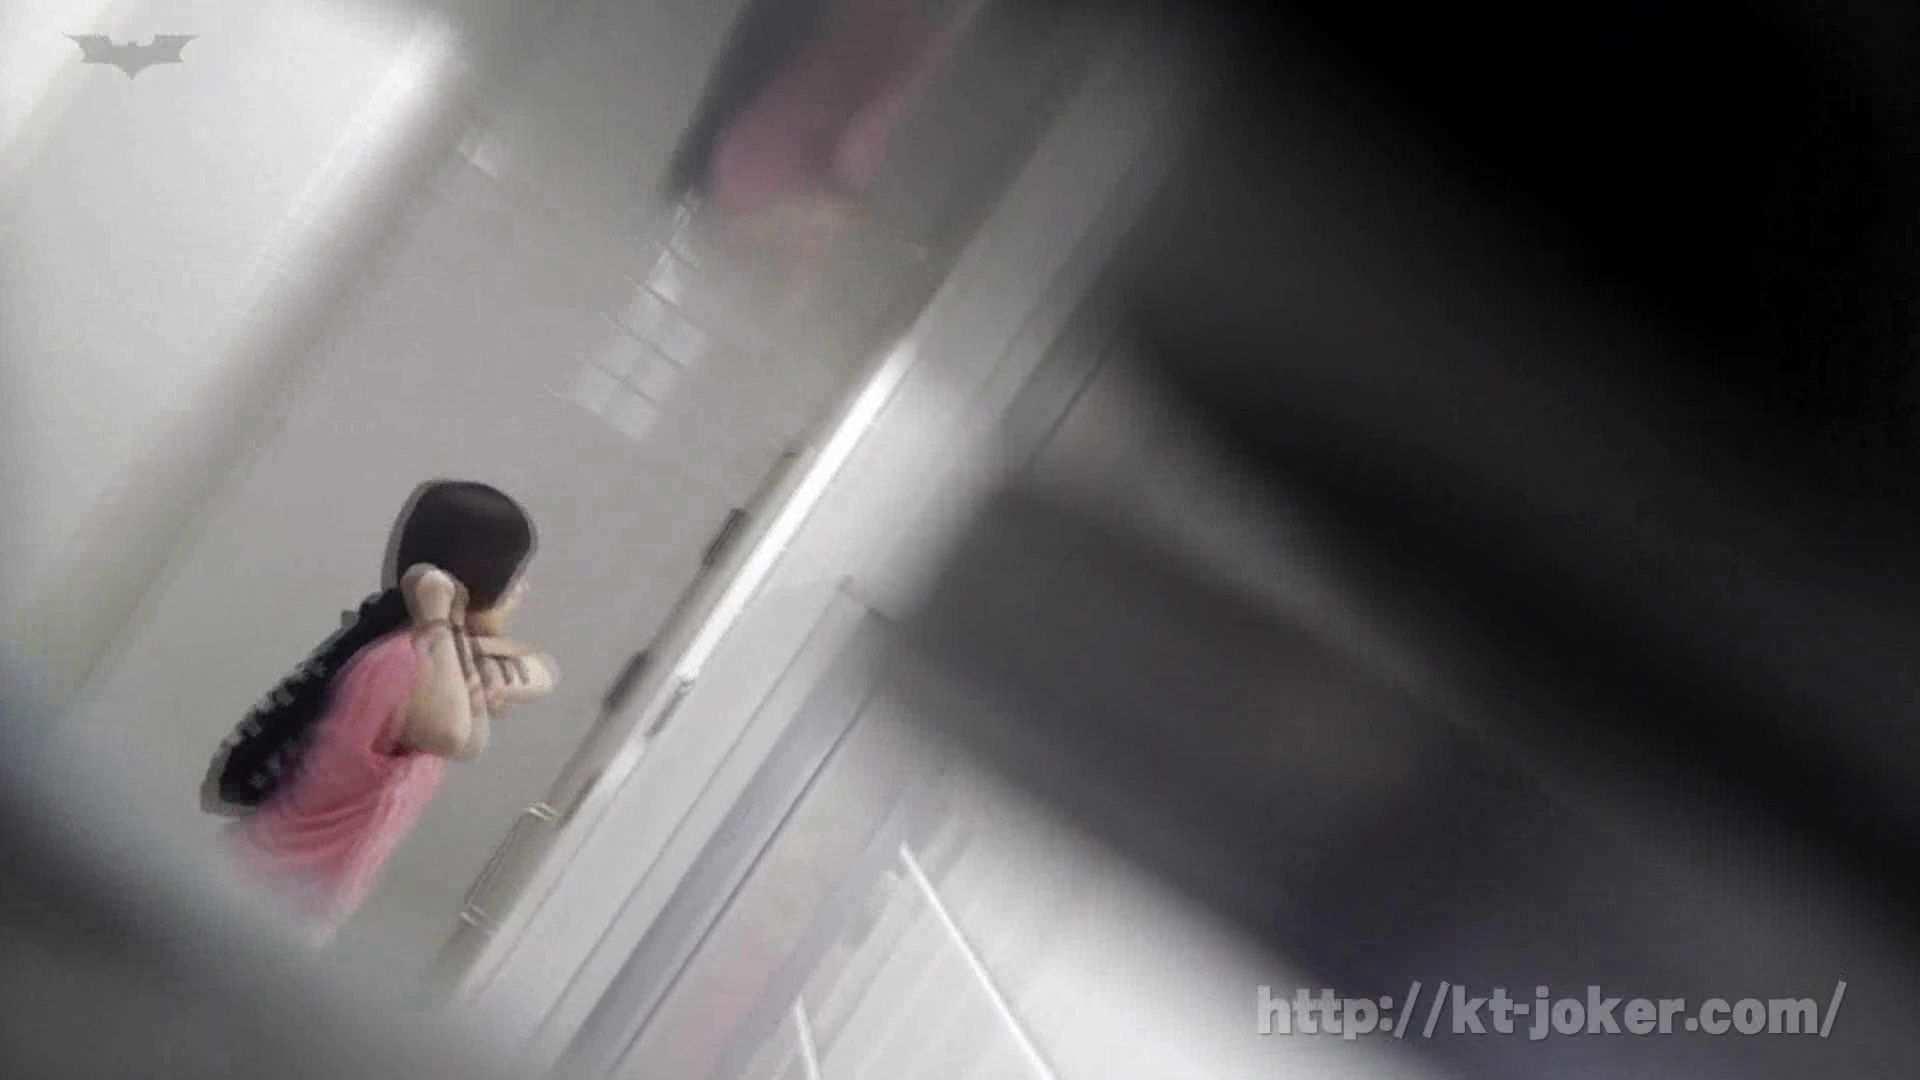 命がけ潜伏洗面所! vol.71 典型的な韓国人美女登場!! OLの実態   美女  97pic 89